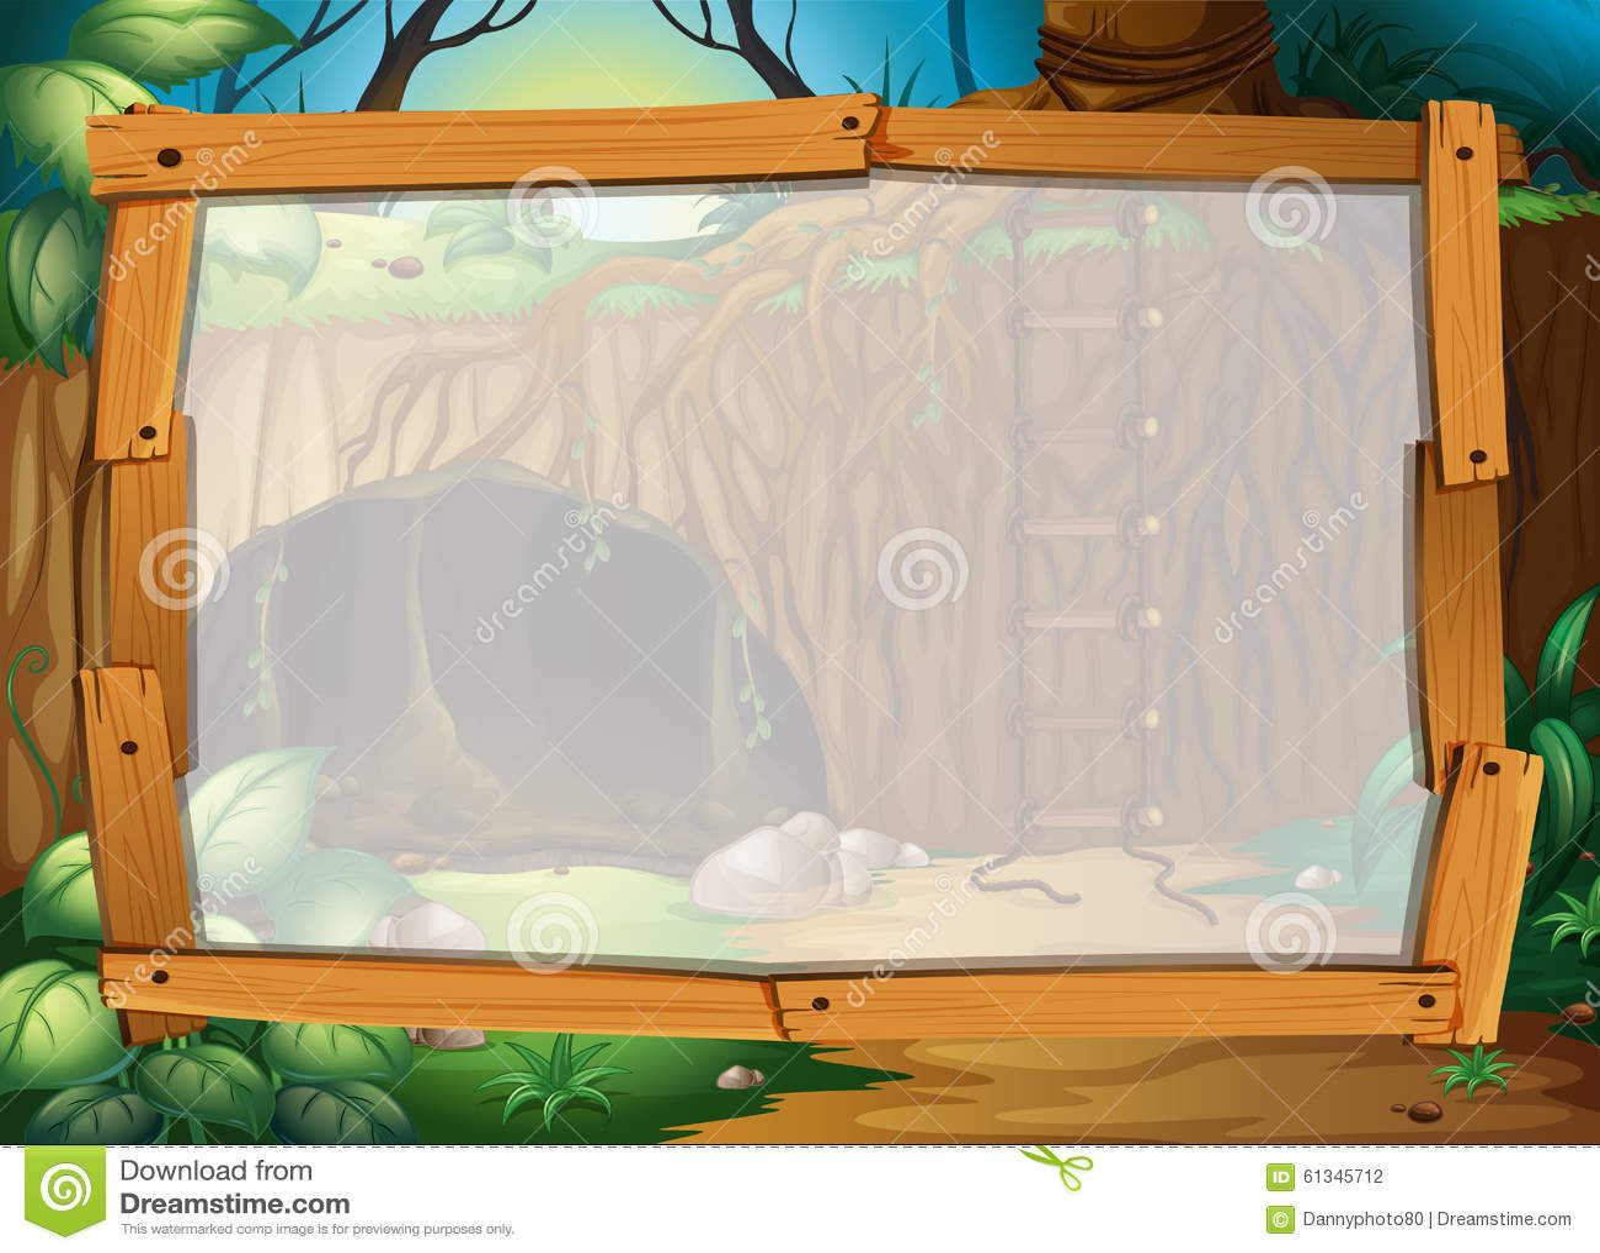 与森林背景例证的边界设计.图片